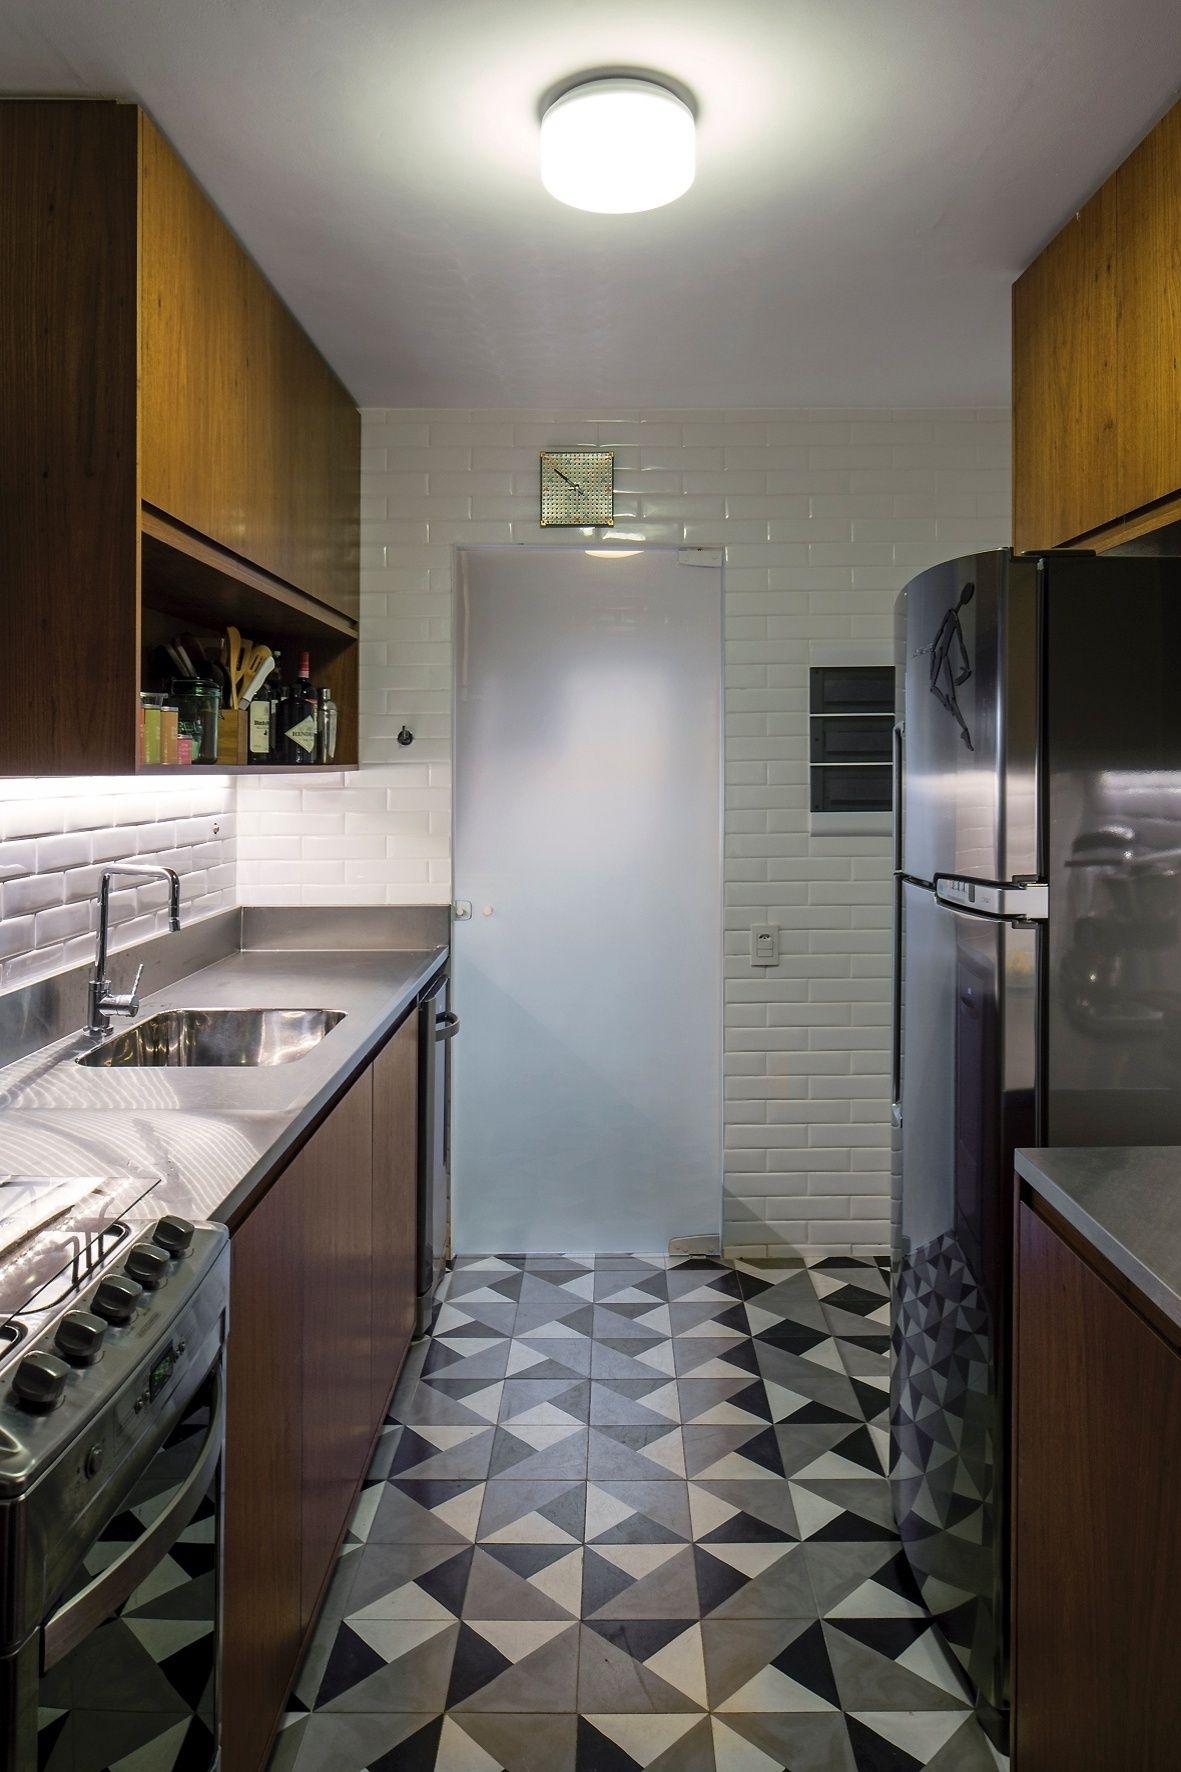 Na Cozinha Os Principais Destaques Sao Piso De Ladrilho Hidraulico